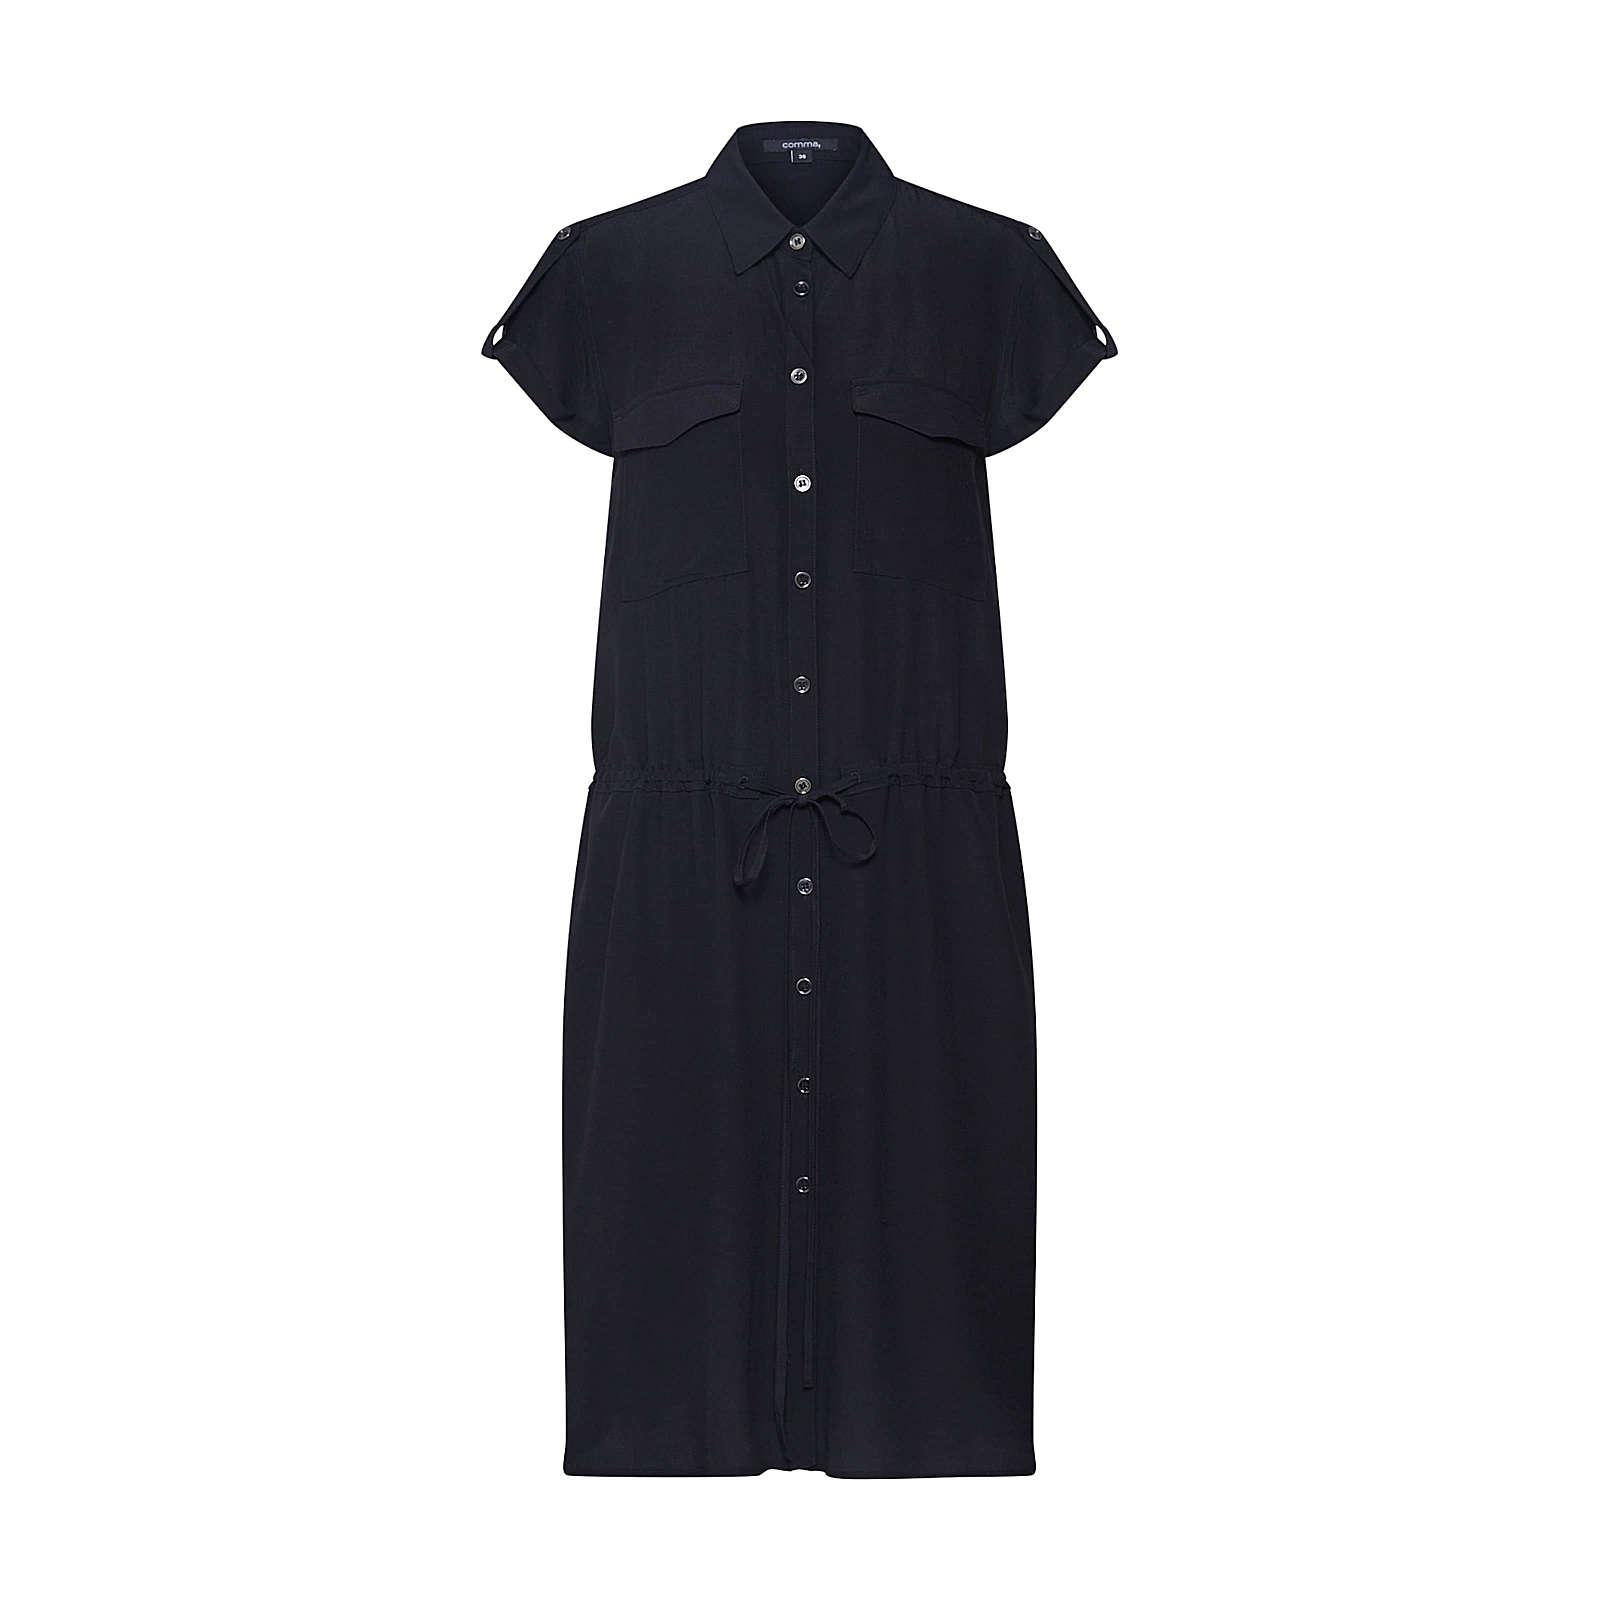 COMMA Blusenkleid Blusenkleider schwarz Damen Gr. 40